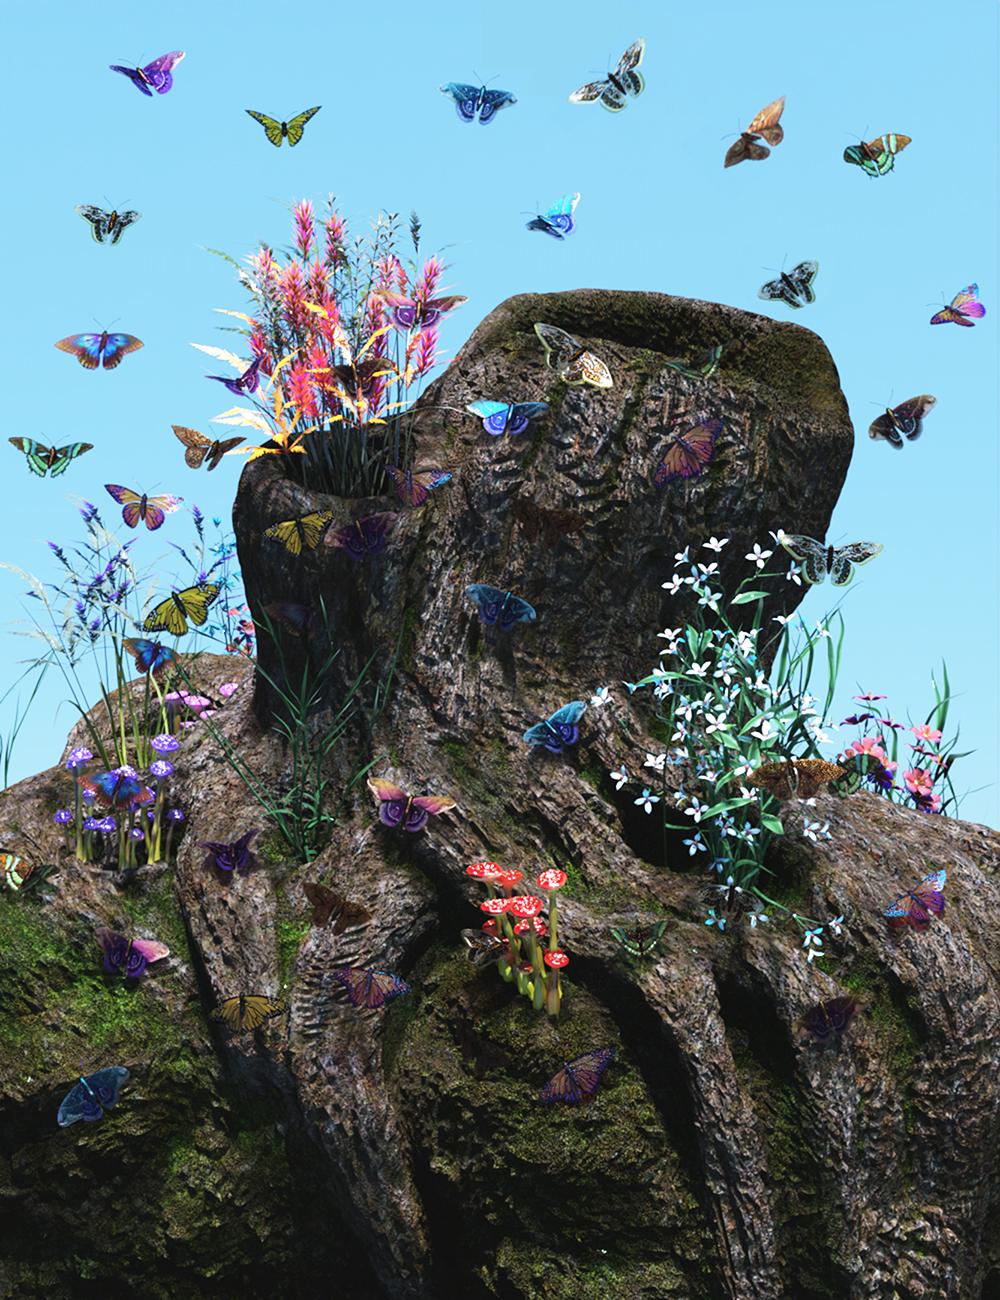 Little Butterfly by: Gendragon3D, 3D Models by Daz 3D